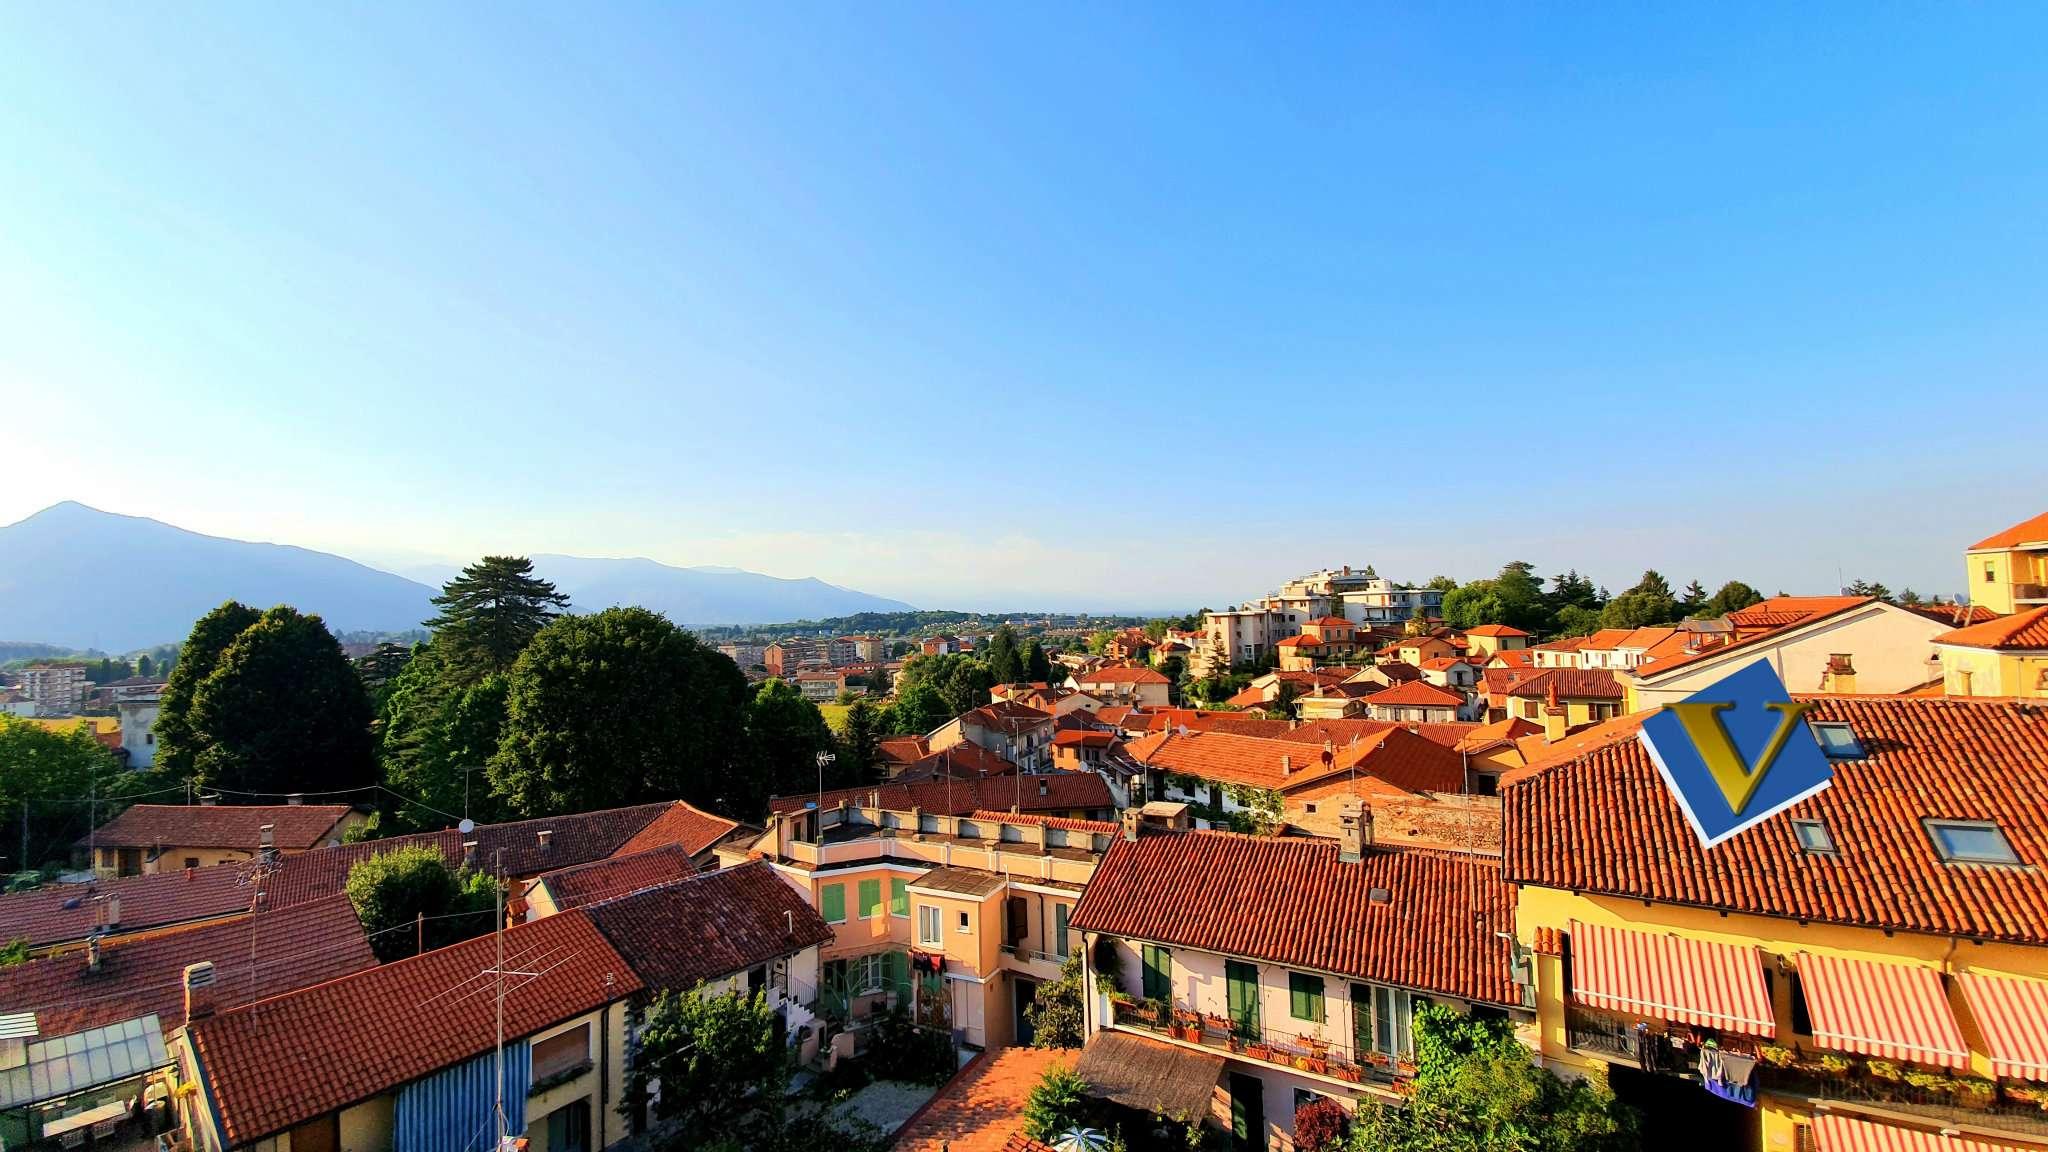 Appartamento in vendita a Rivoli, 6 locali, prezzo € 520.000 | PortaleAgenzieImmobiliari.it